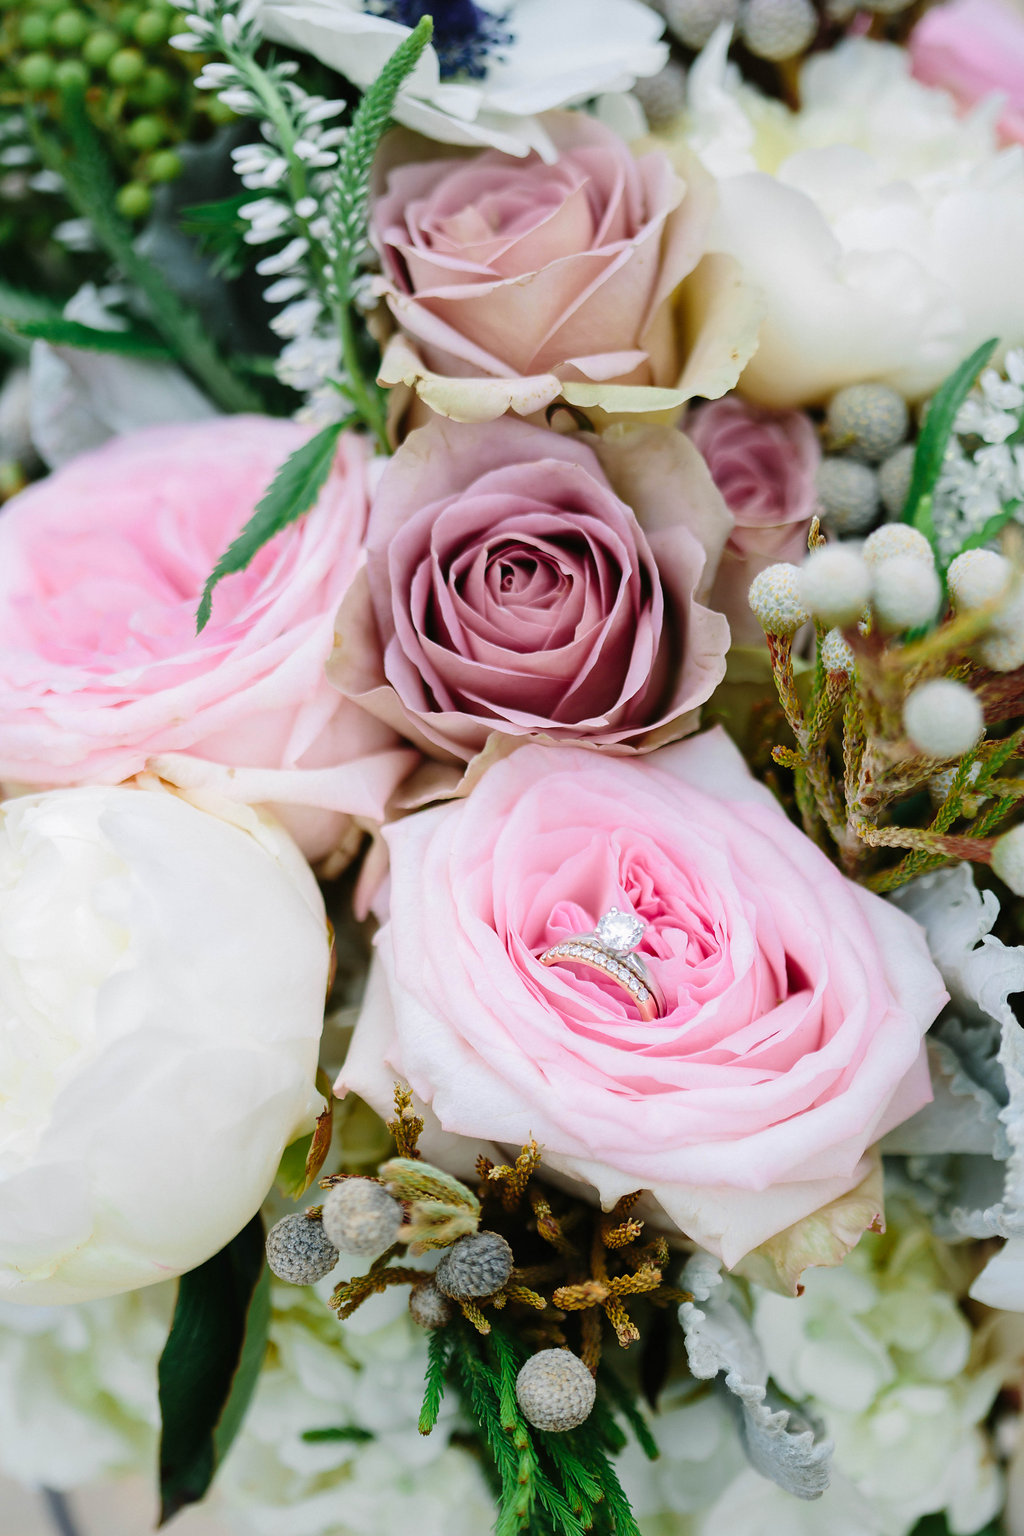 Nicole_Marie_Photography_Luxury_Wedding_Photographer-2.jpg